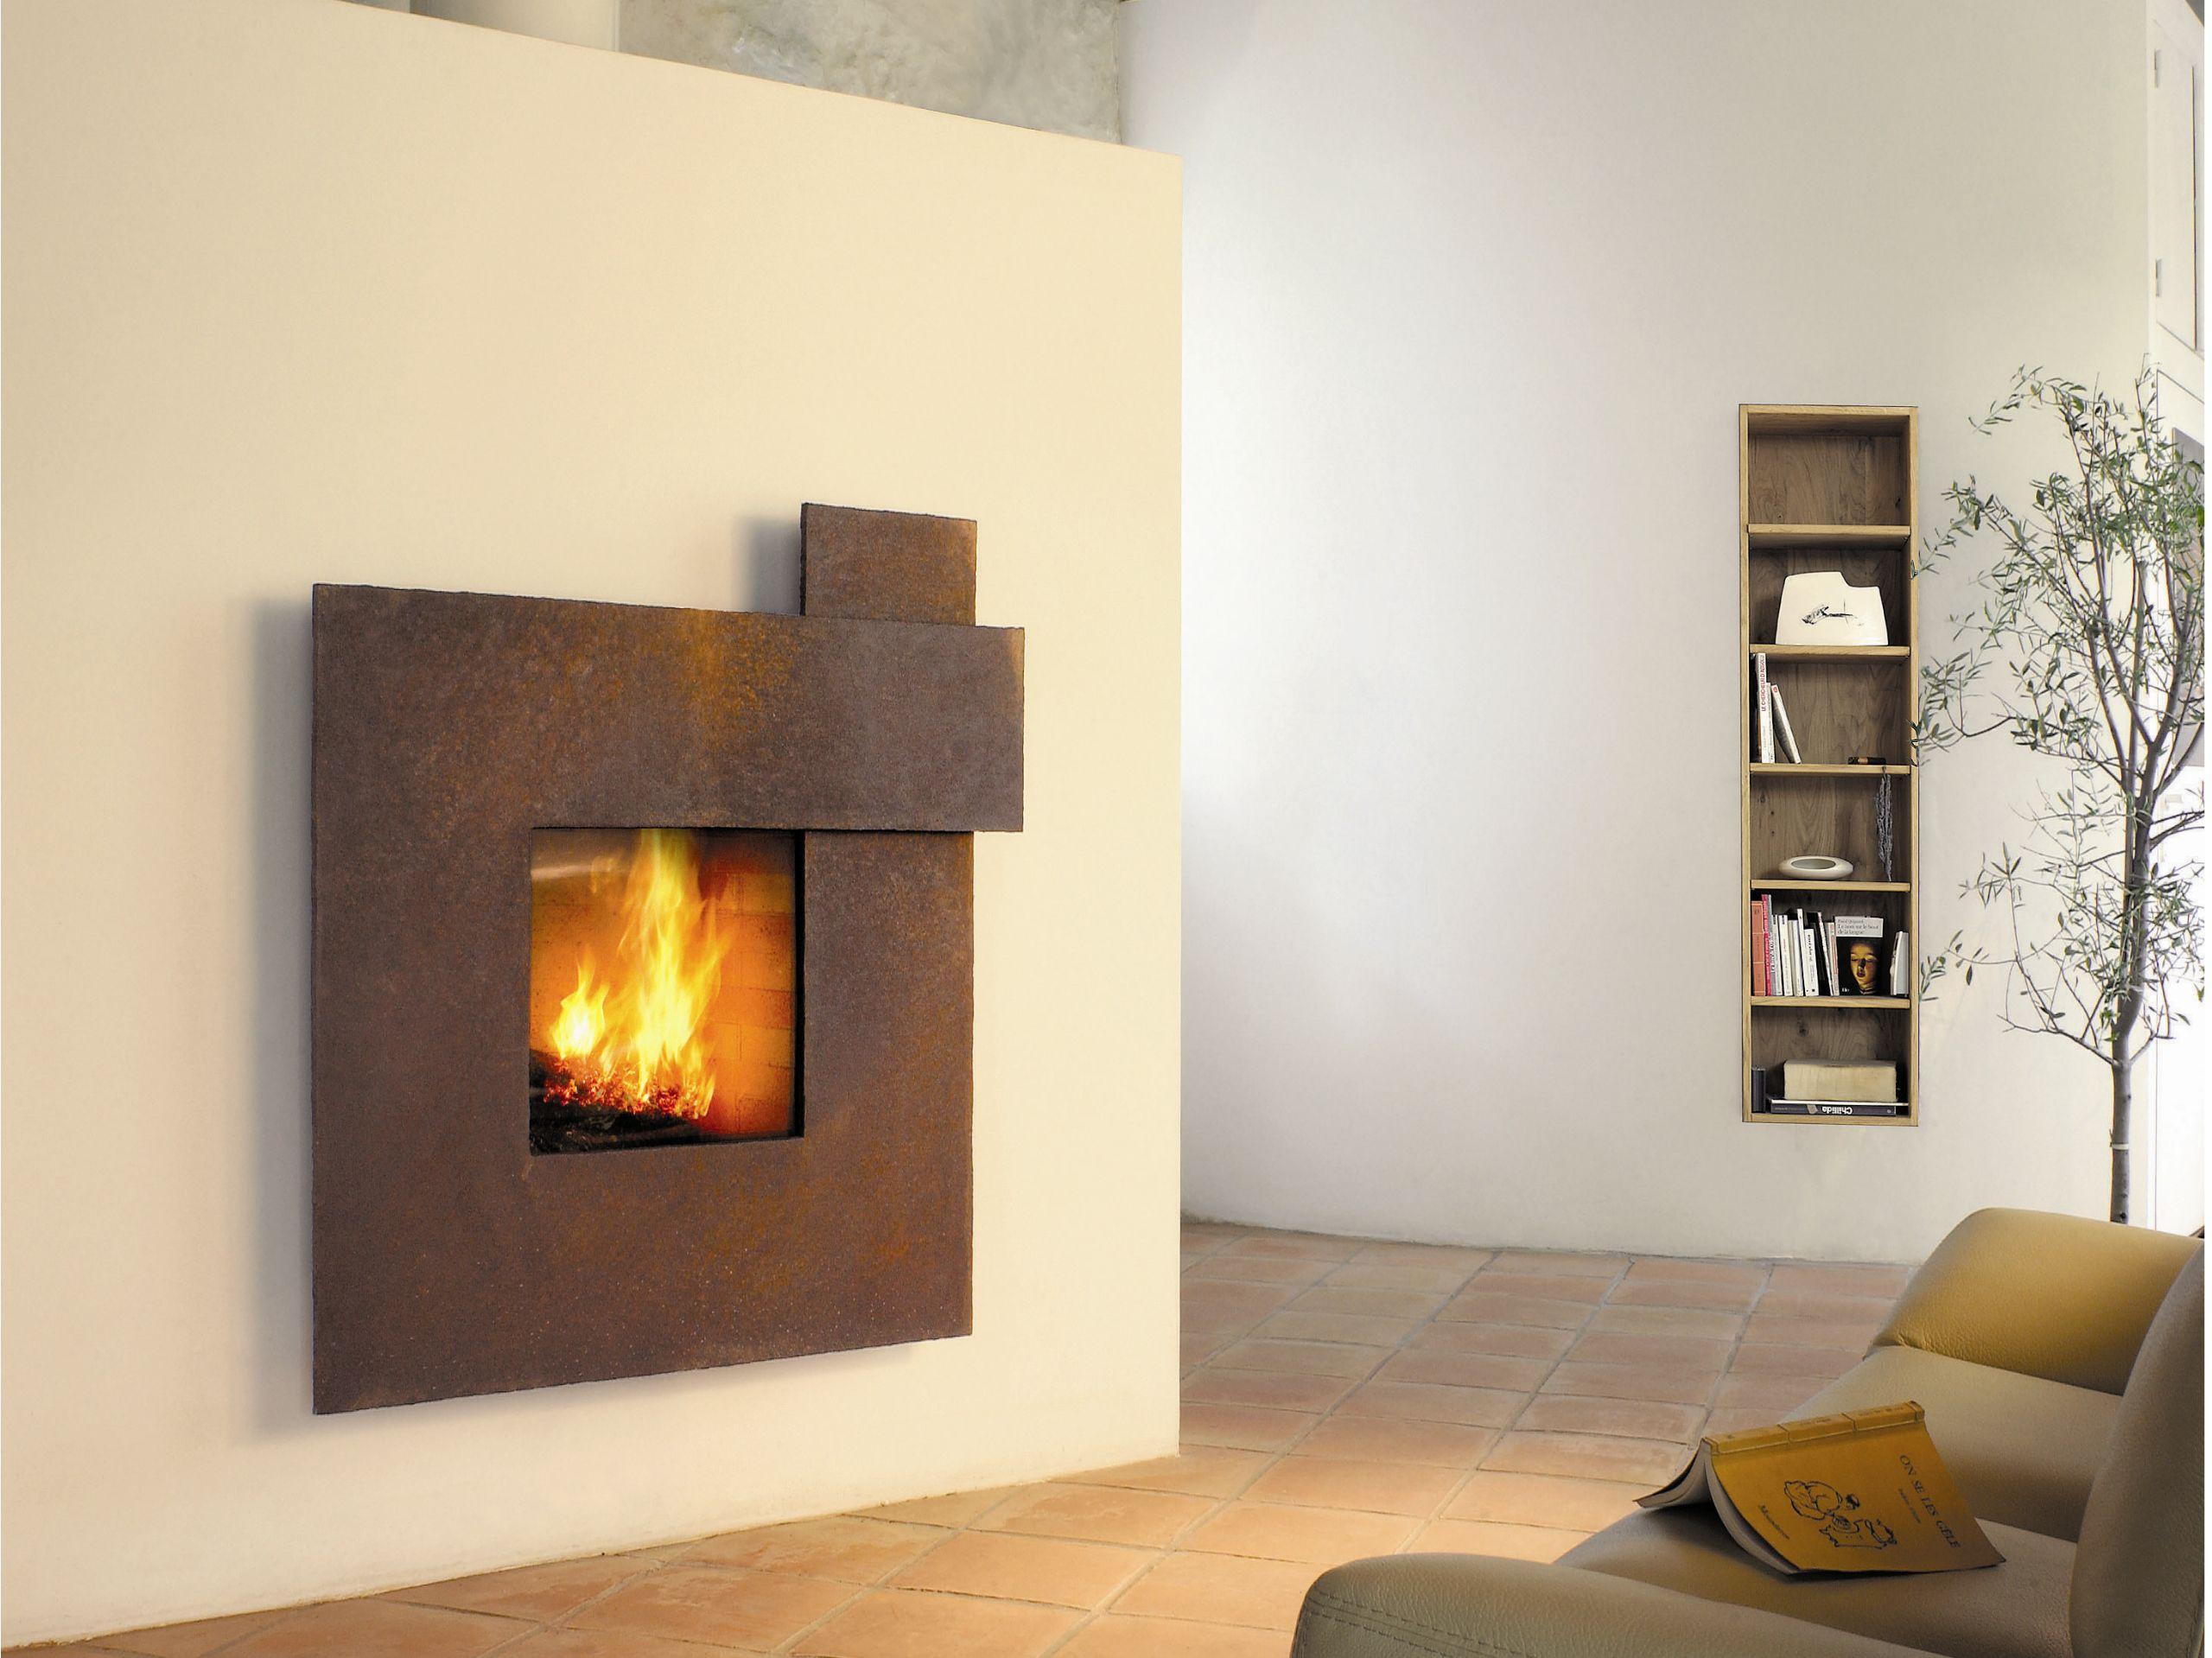 rivestimento per camini in acciaio m tafocus 1 by focus creation design dominique imbert. Black Bedroom Furniture Sets. Home Design Ideas